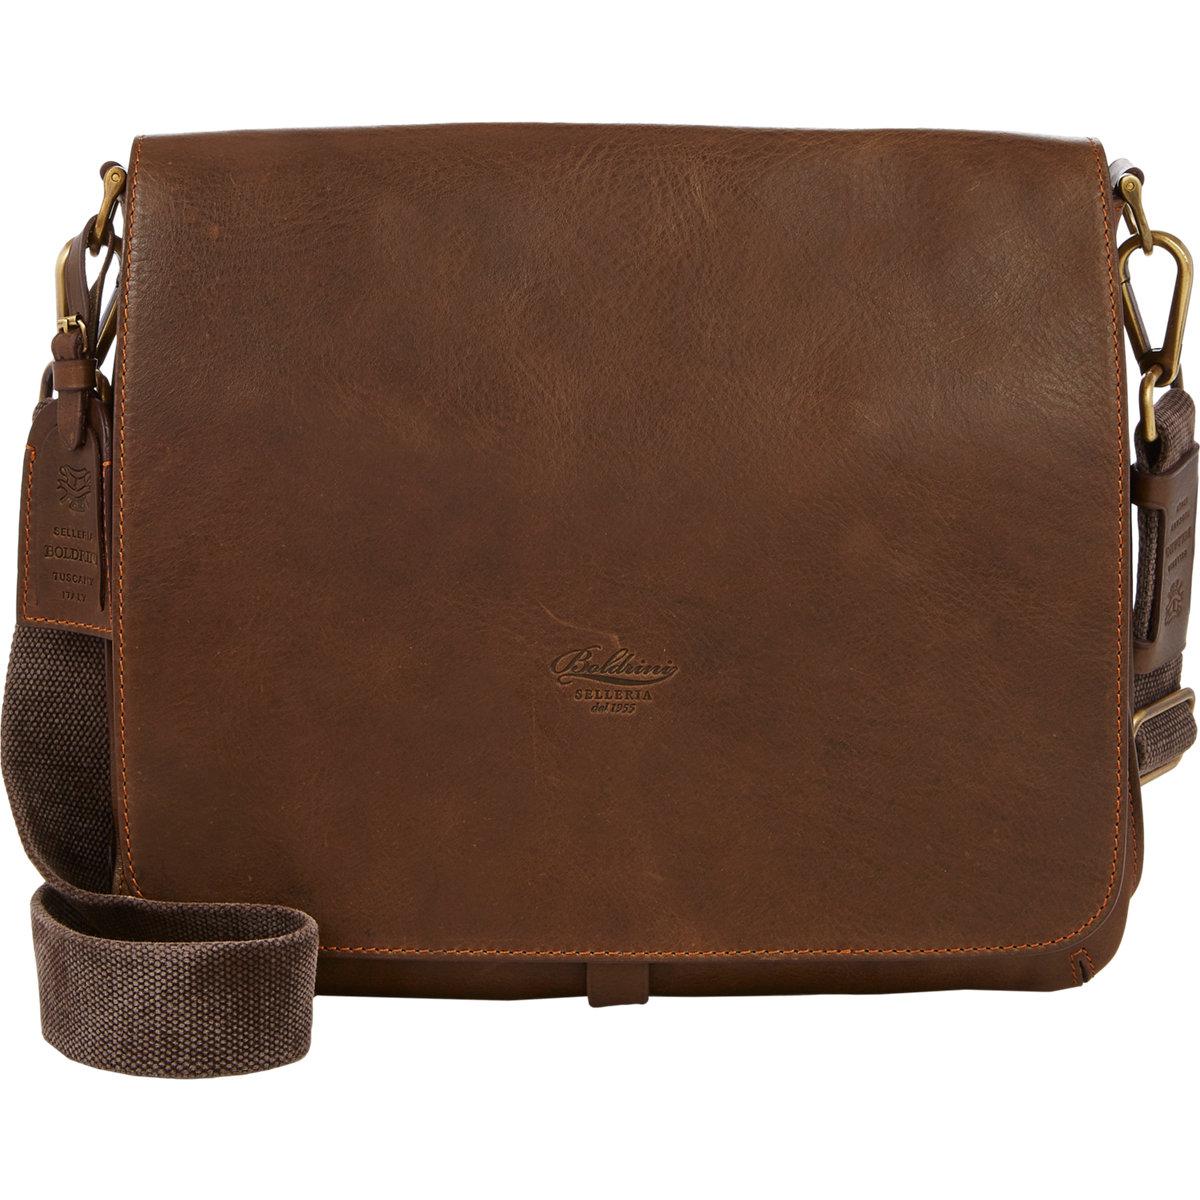 Boldrini selleria Men's Small Messenger Bag in Brown for Men   Lyst